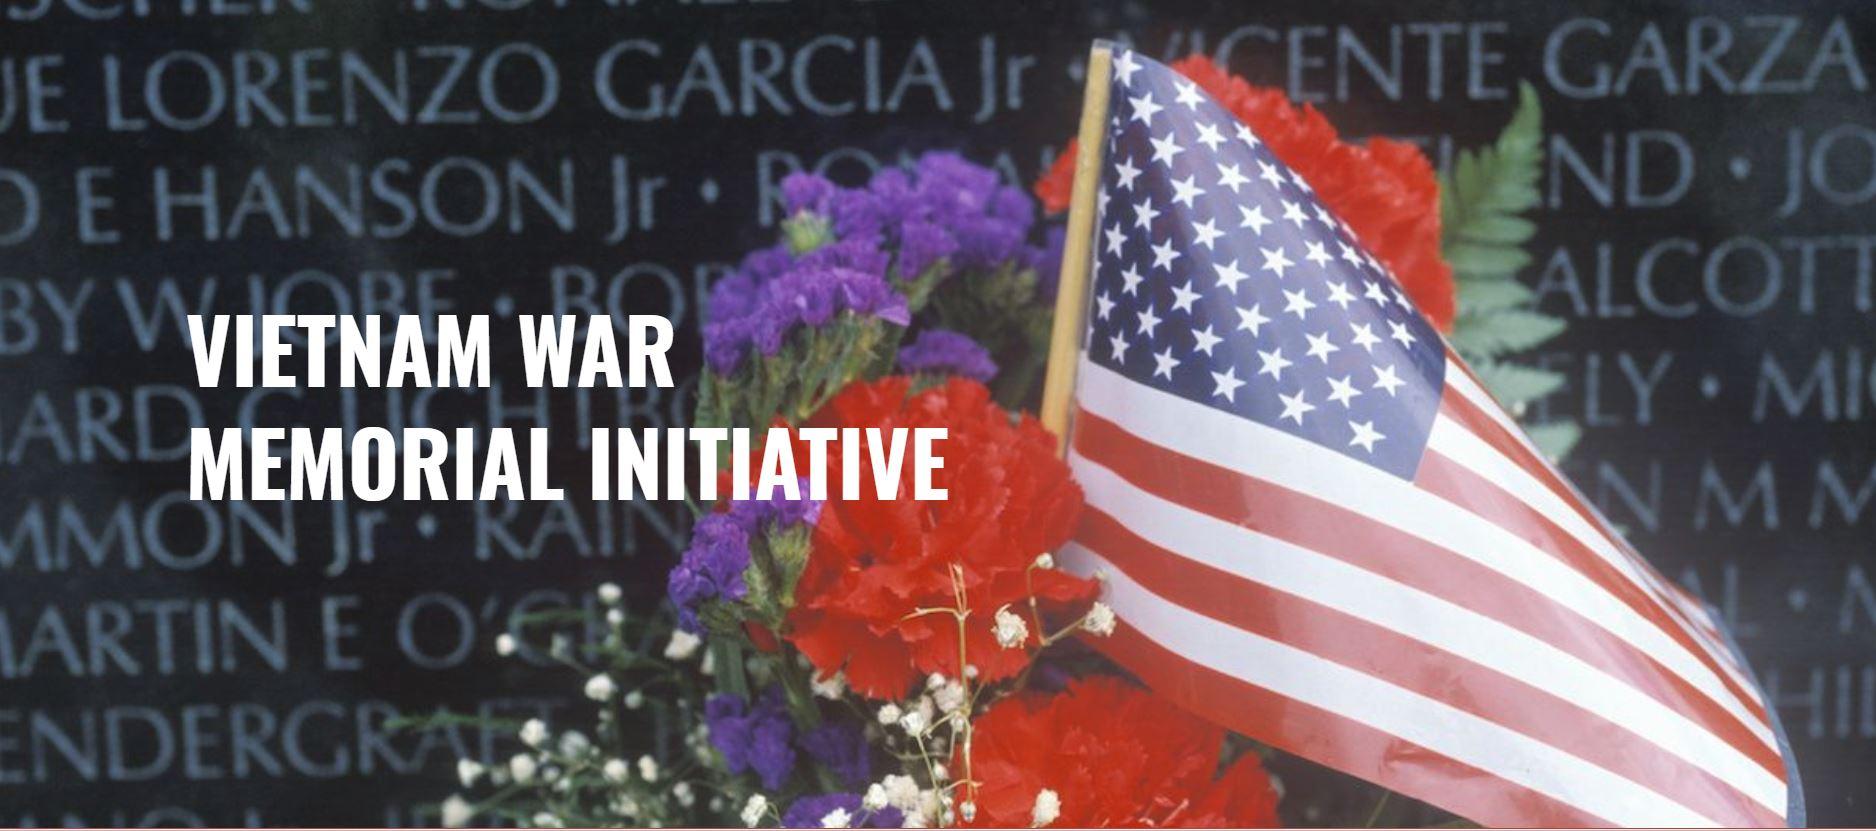 vietnam war csra_1535849791408.JPG.jpg